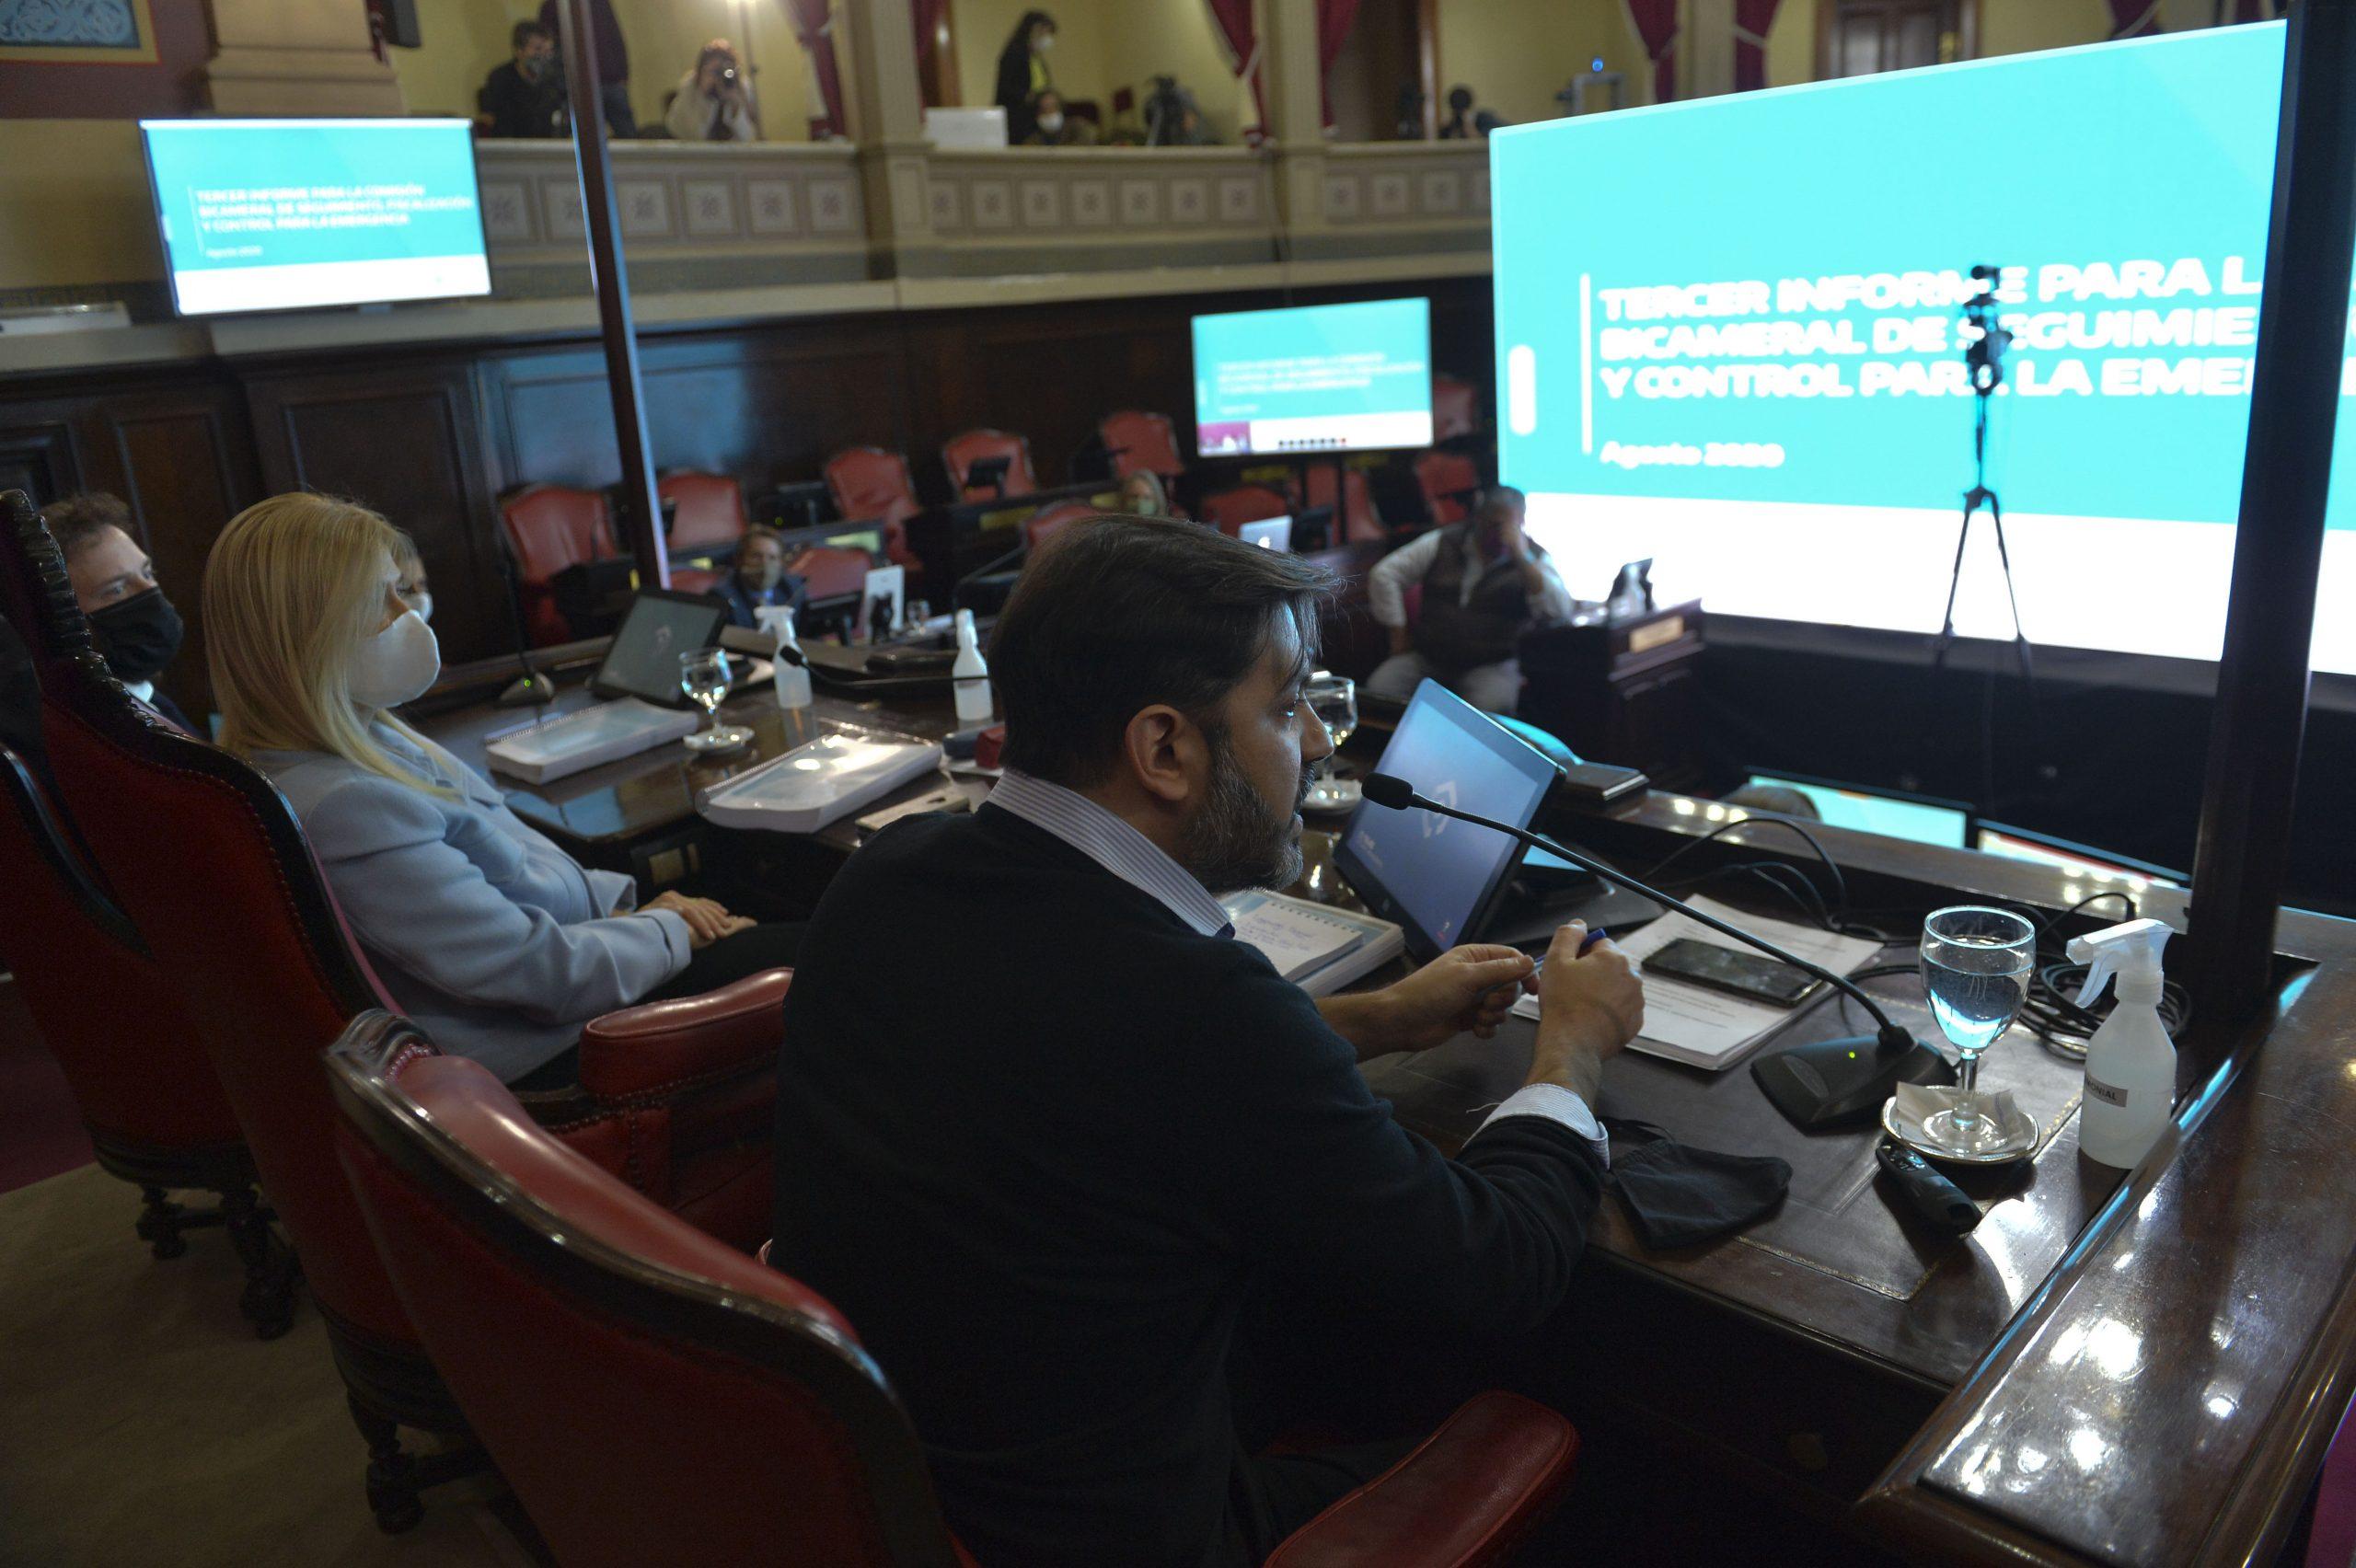 El Jefe de Gabinete presentó el tercer informe ante la Comisión Bicameral de la Legislatura